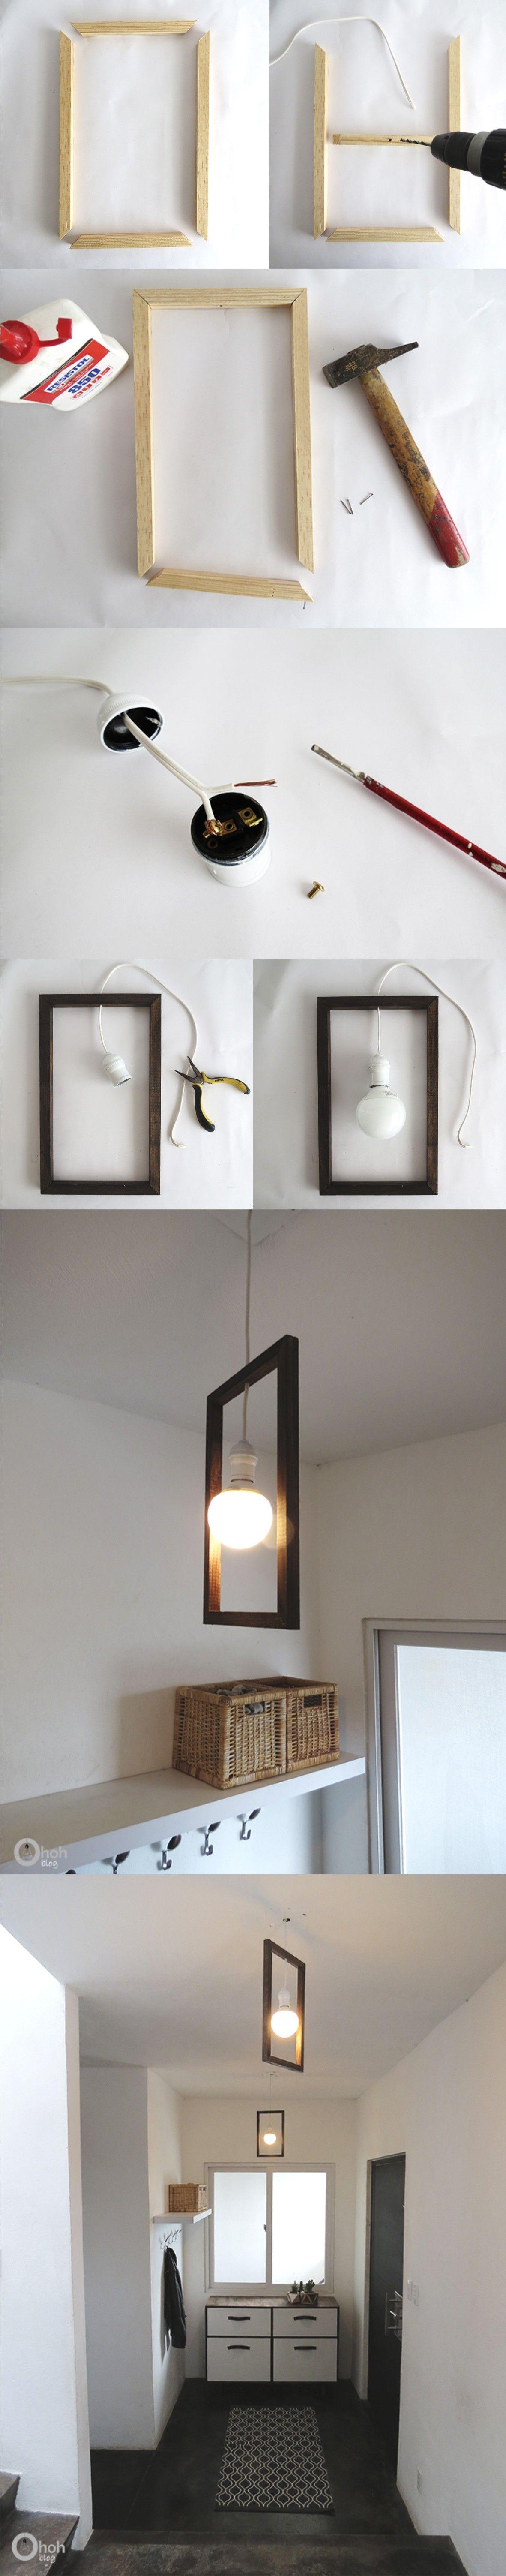 Lámpara DIY con un marco | Arte | Pinterest | marco DIY, lámparas ...